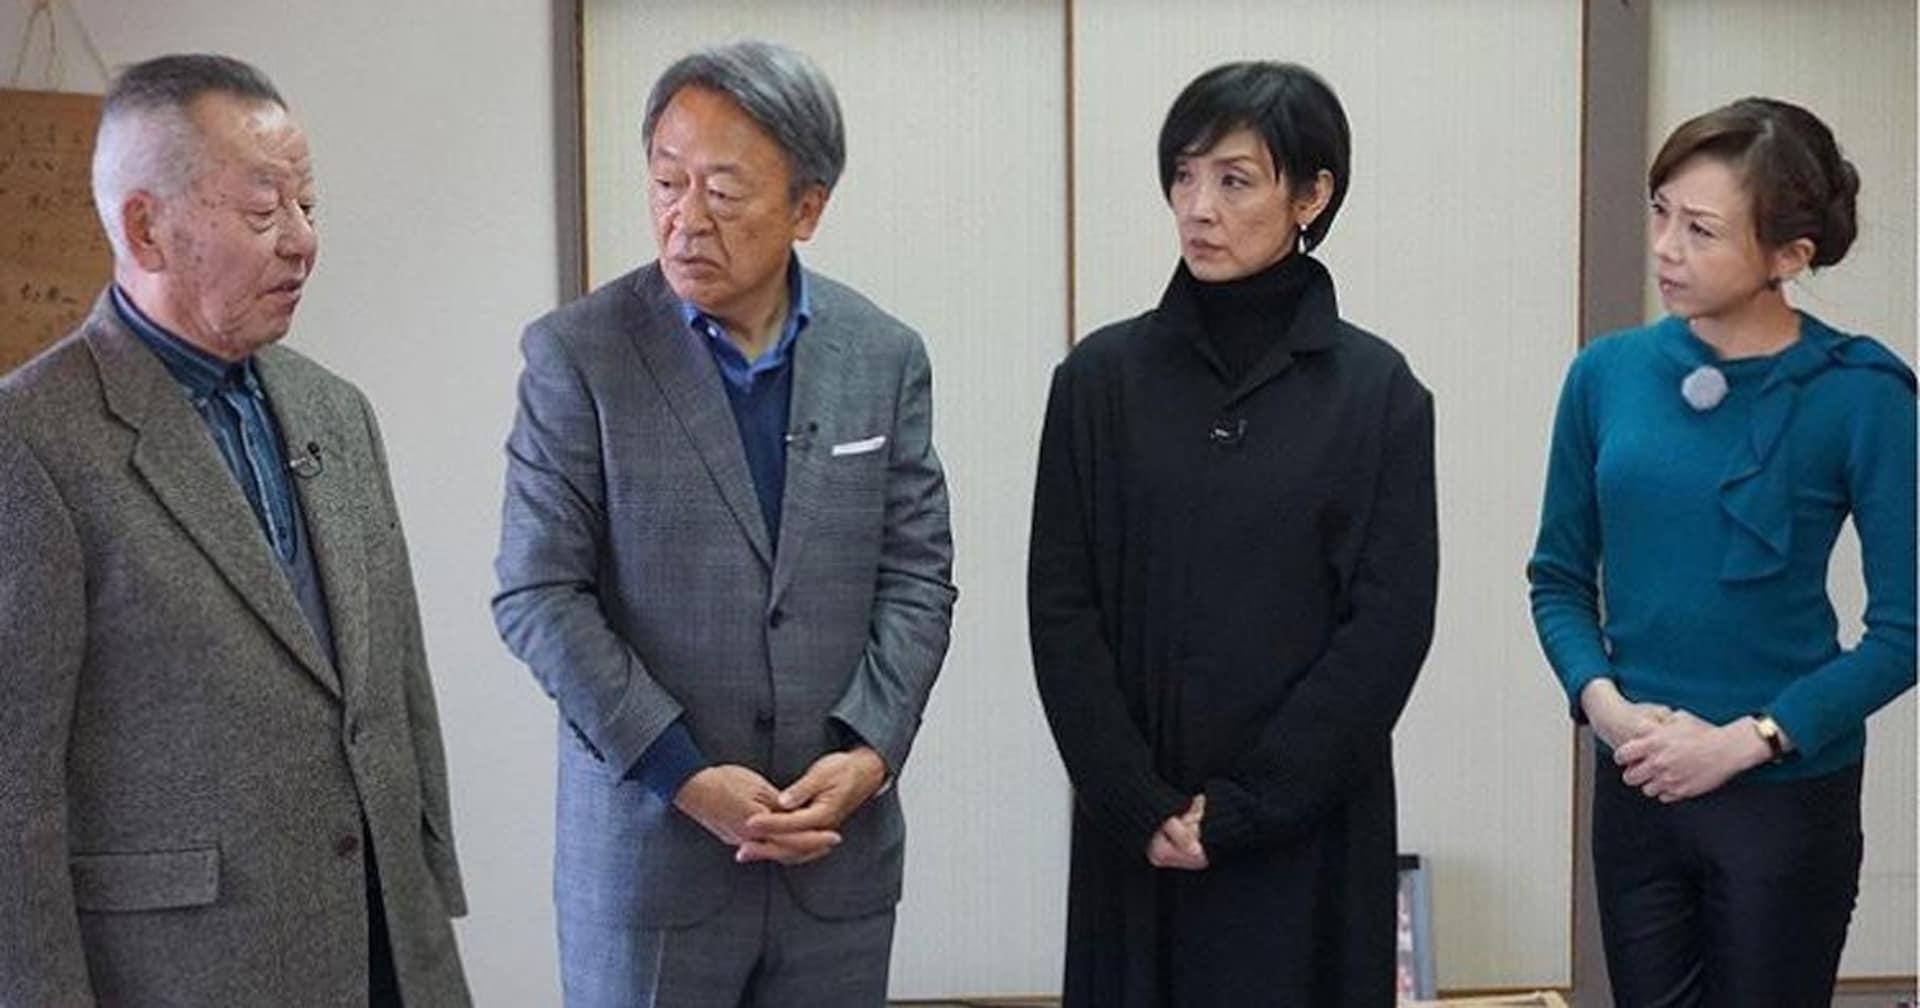 嵐会見の「無責任」質問記者と、ジャーナリスト池上彰との共通点